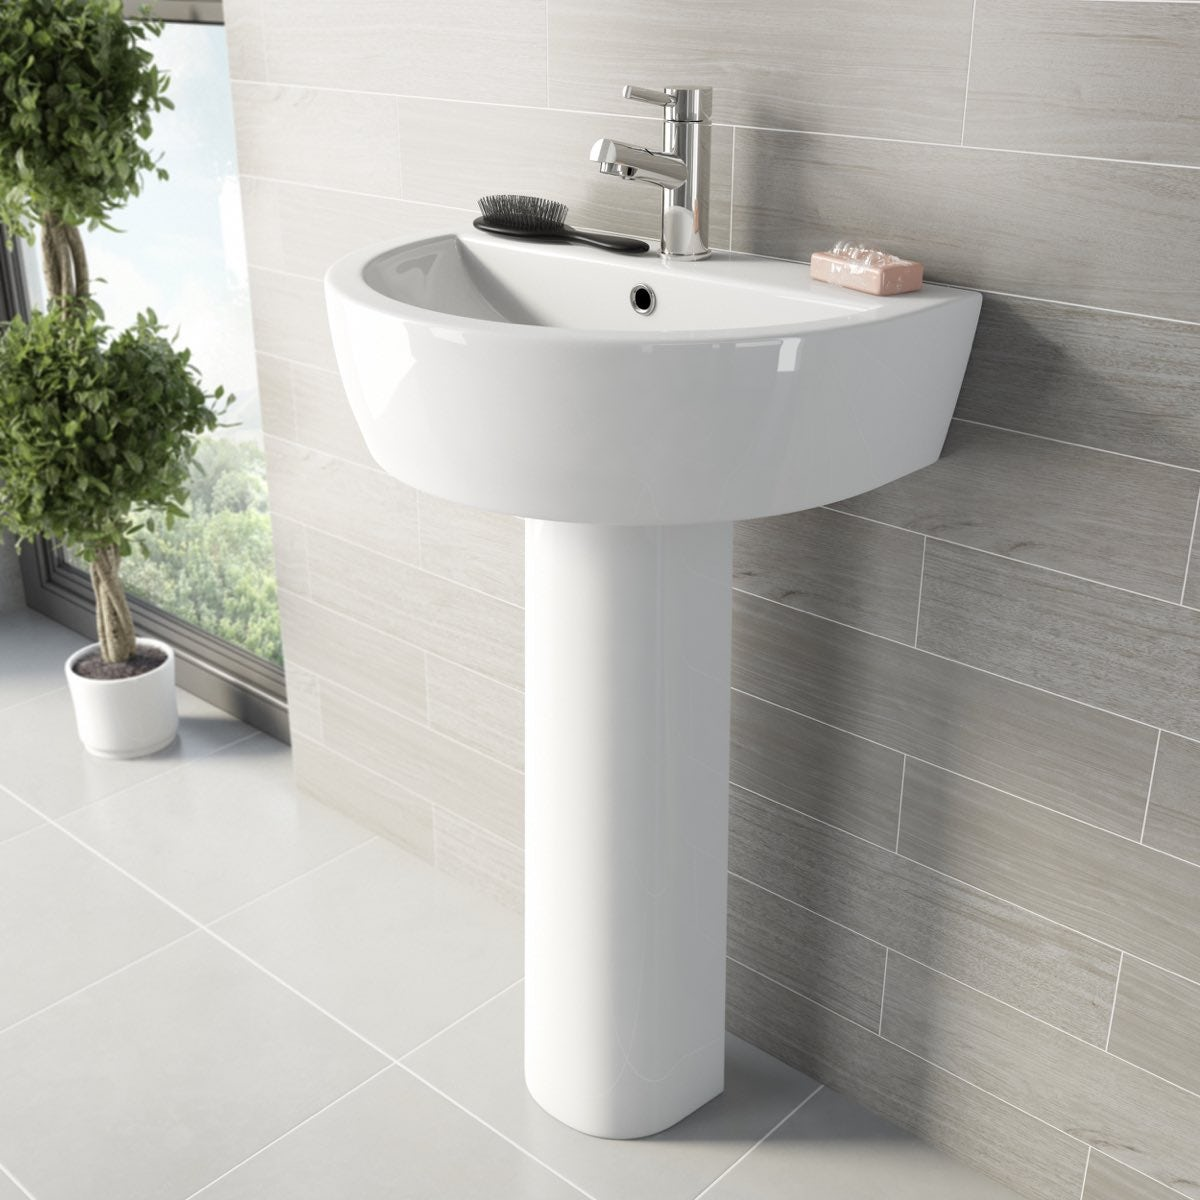 Plumbs bathroom suites - Download